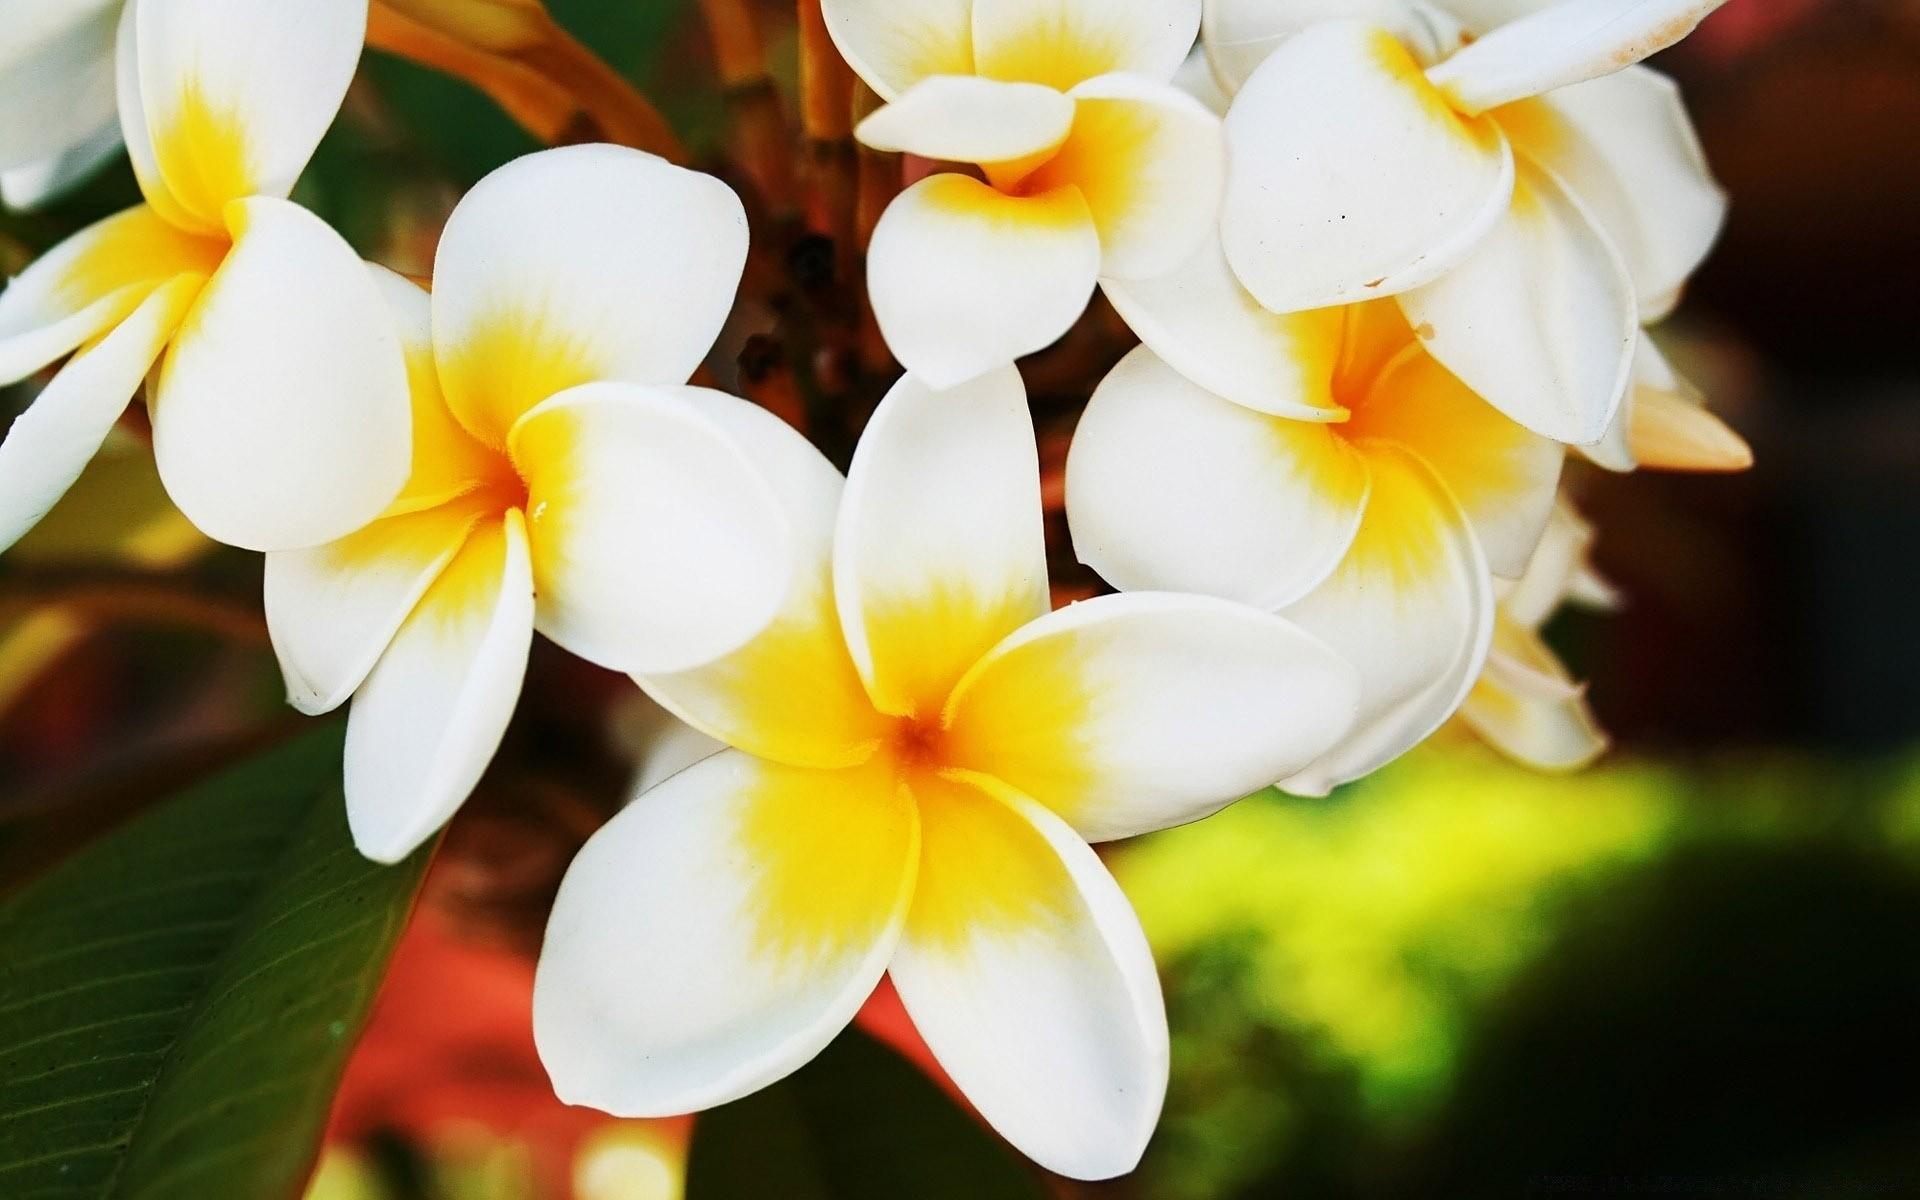 Обои картинки для рабочего стола цветы фото